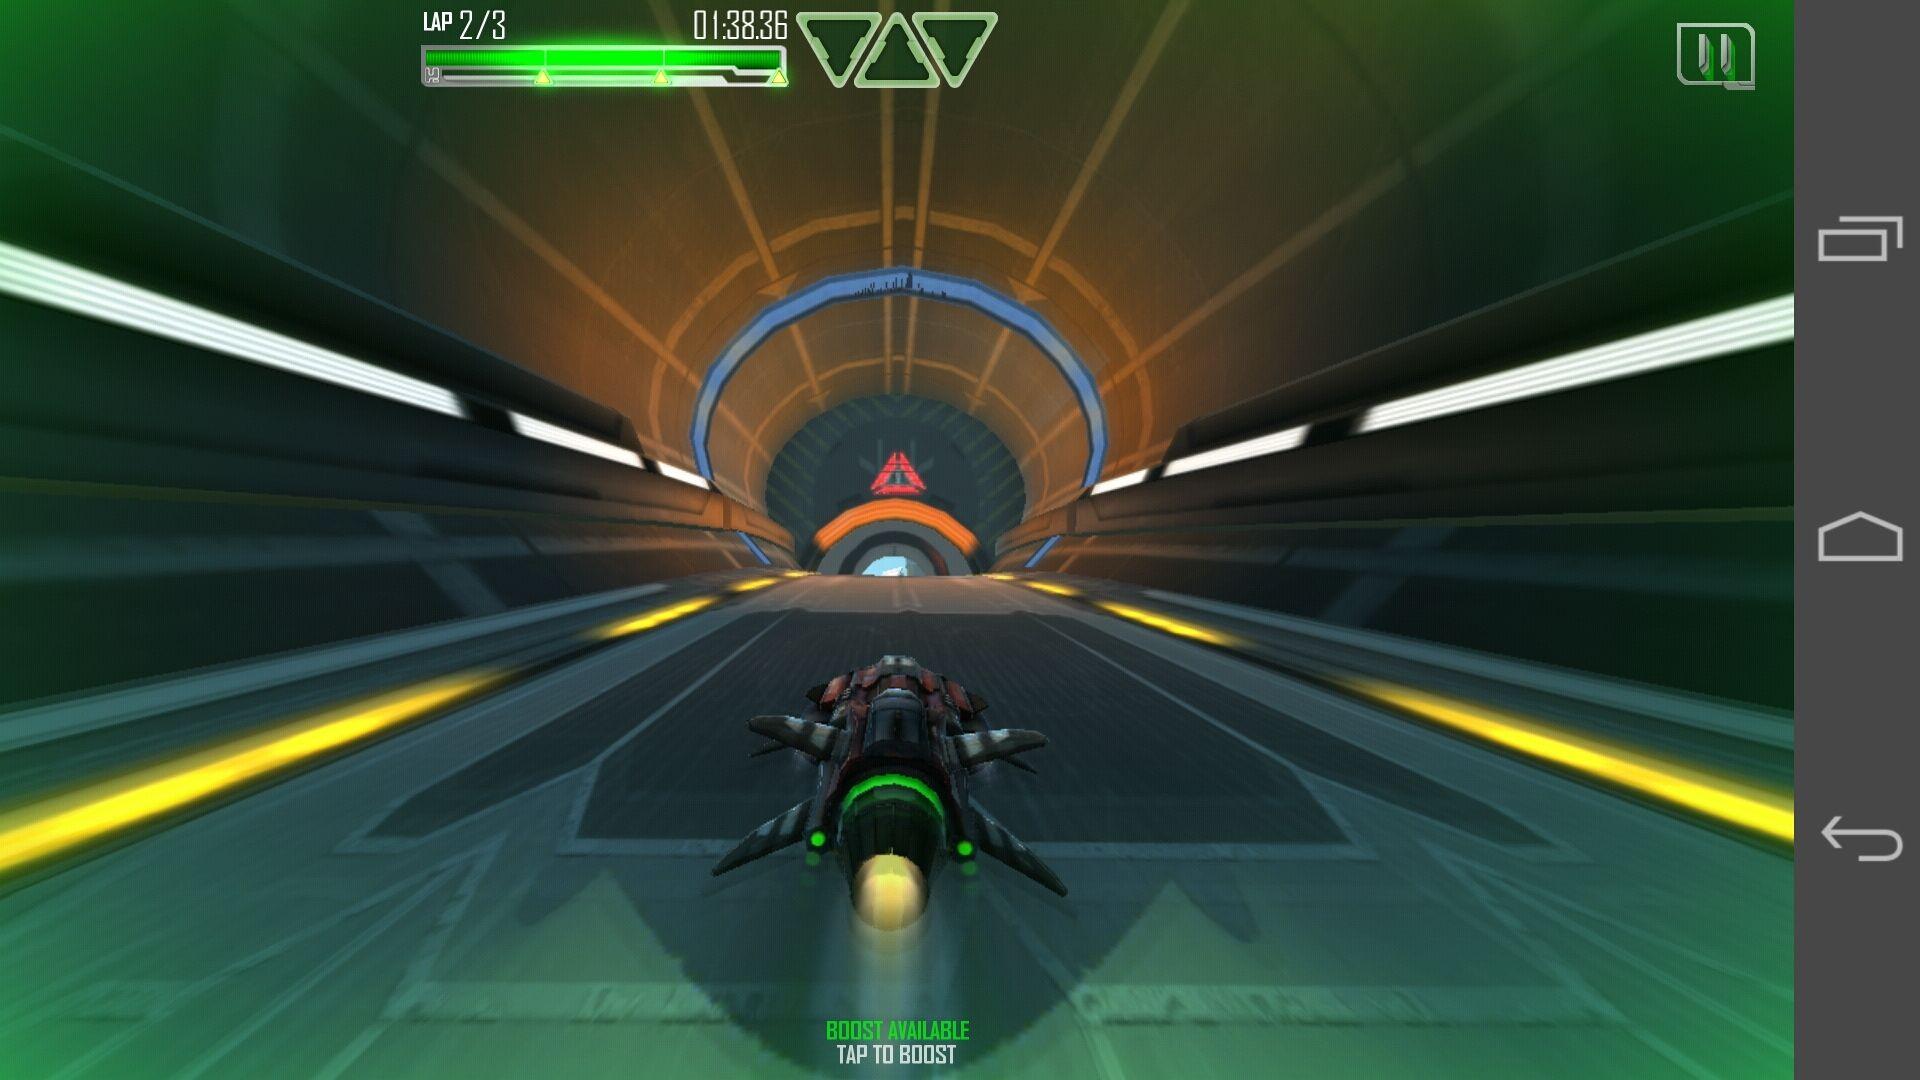 Ascend P7 har ingen problemer med spillene vi har testet. På enkelte spill kommer menytastene med, som her. I andre blir de skjult så du kan spille over hele skjermen.Foto: Espen Irwing Swang, Amobil.no